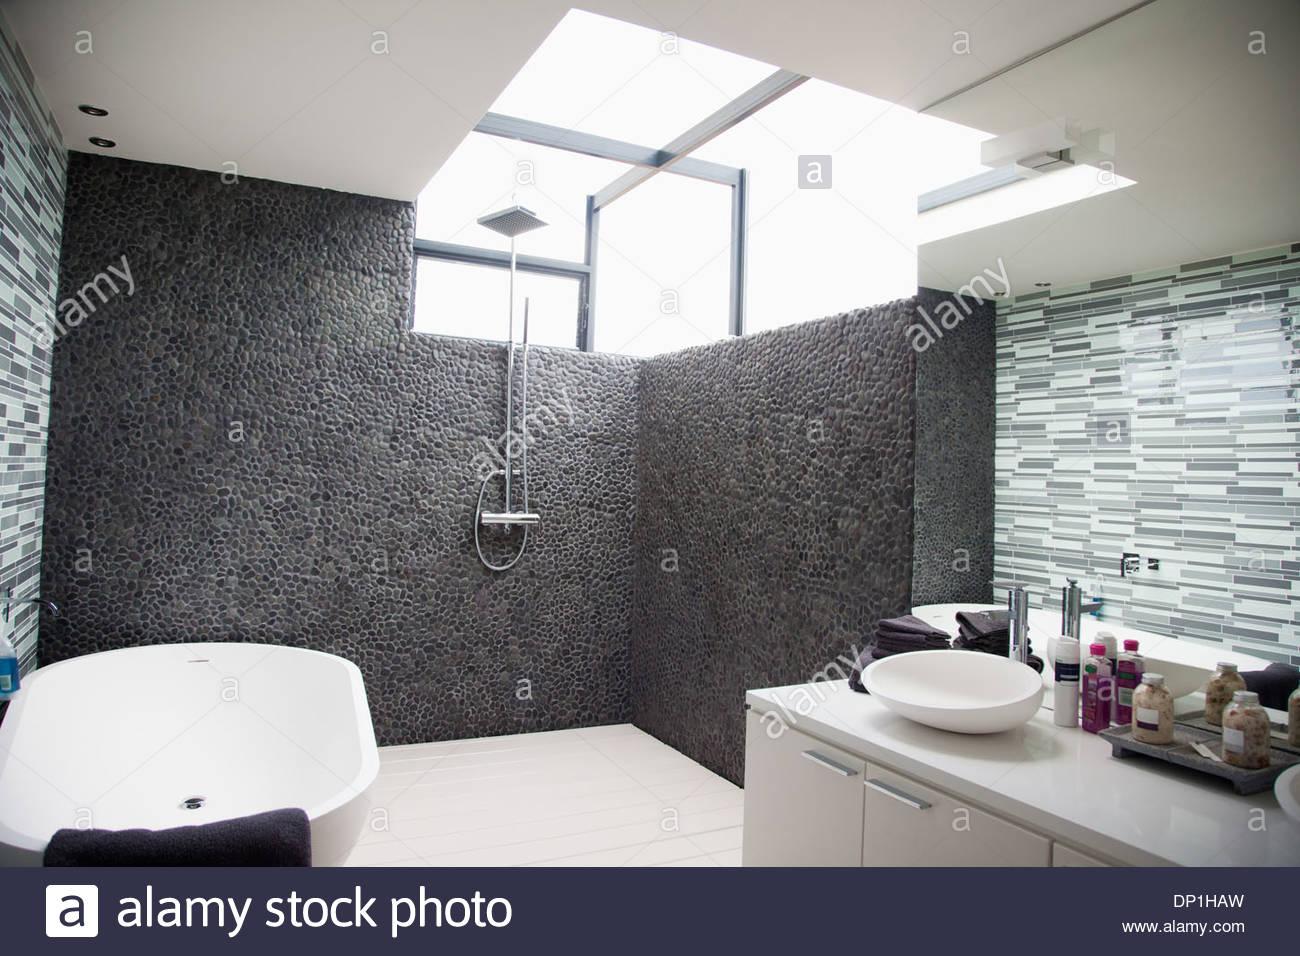 Soleil qui brille par la fenêtre dans une salle de bains moderne Photo Stock